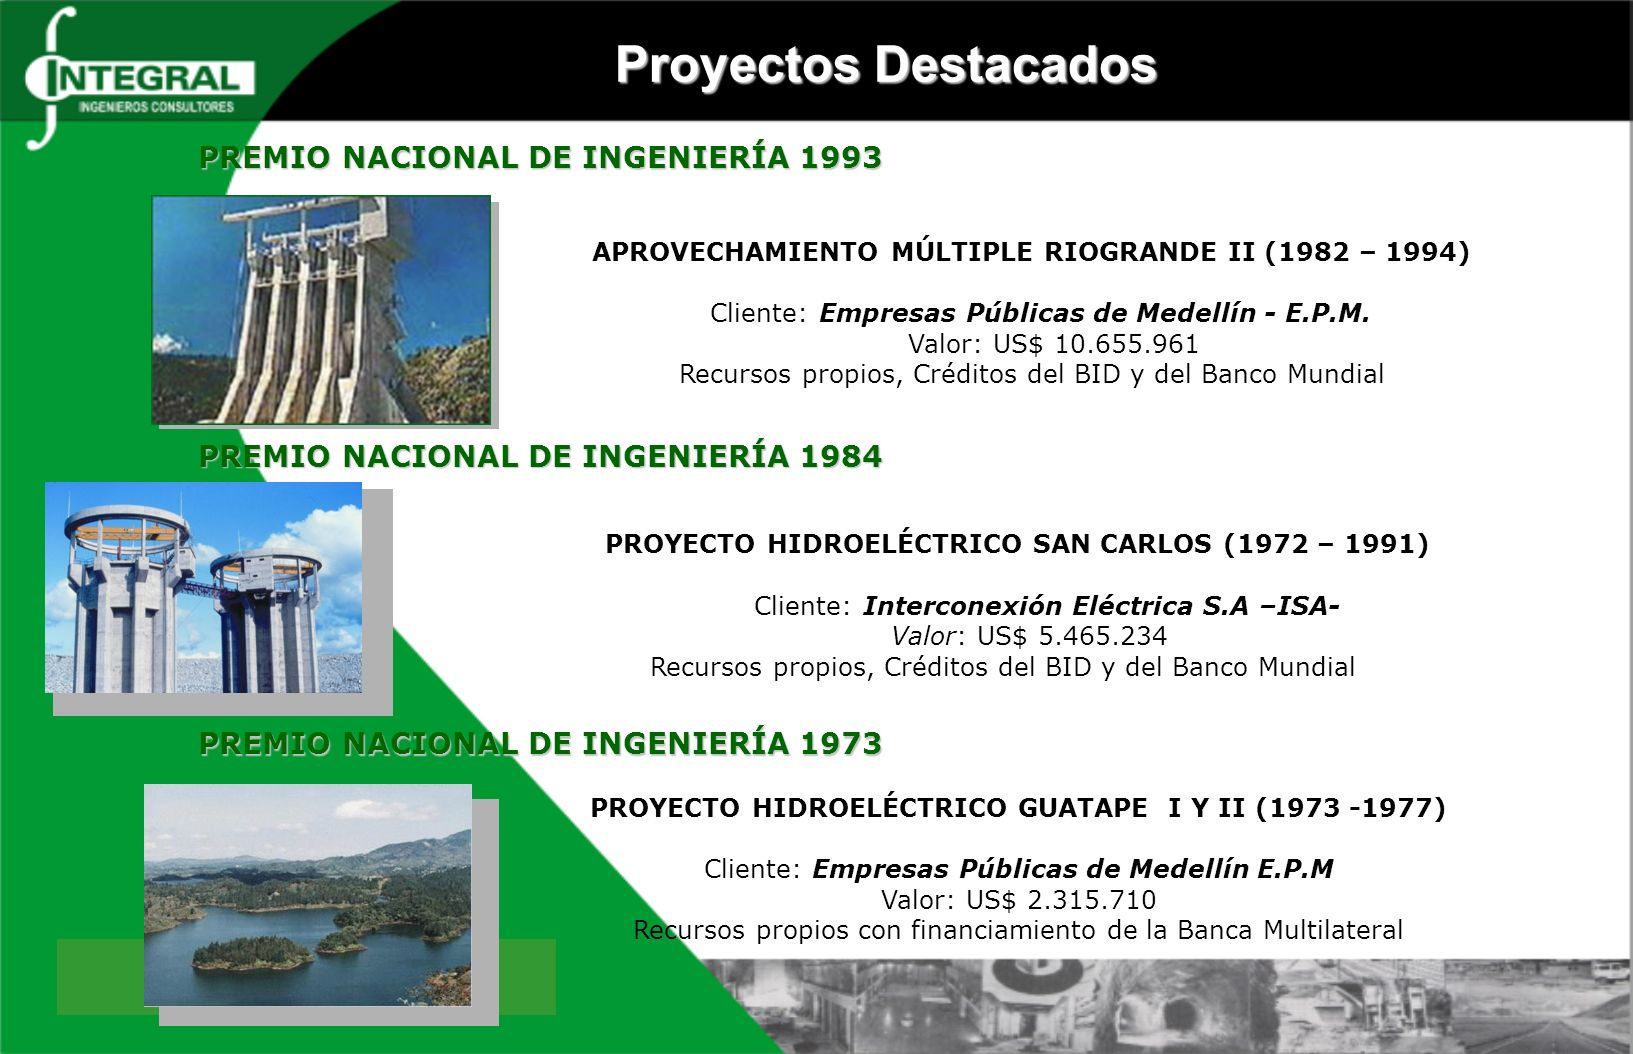 PROYECTO HIDROELÉCTRICO SAN CARLOS (1972 – 1991)